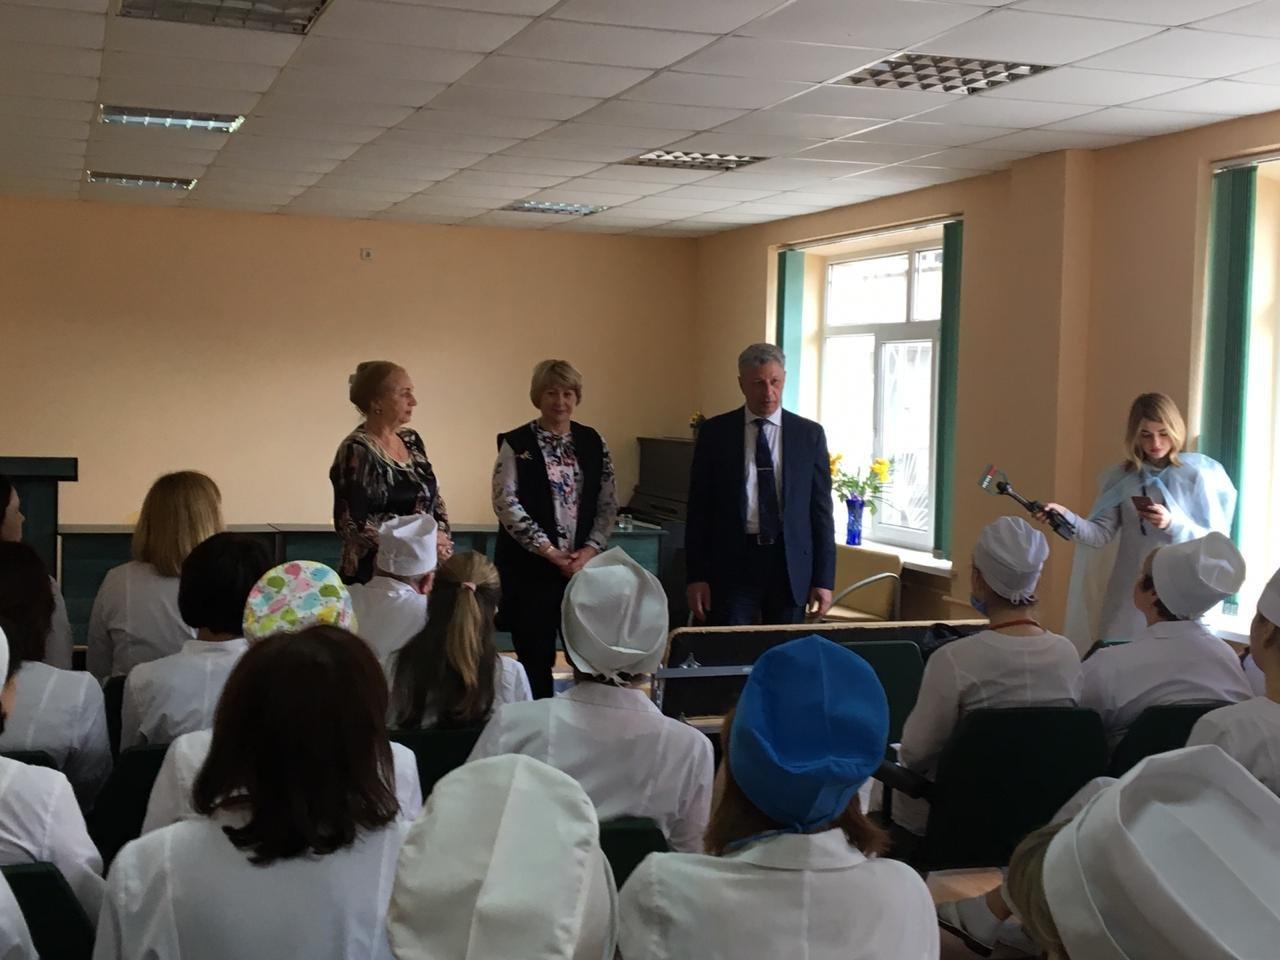 Юрий Бойко: Зарплата врача должна быть минимум 15 тысяч гривен, фото-2